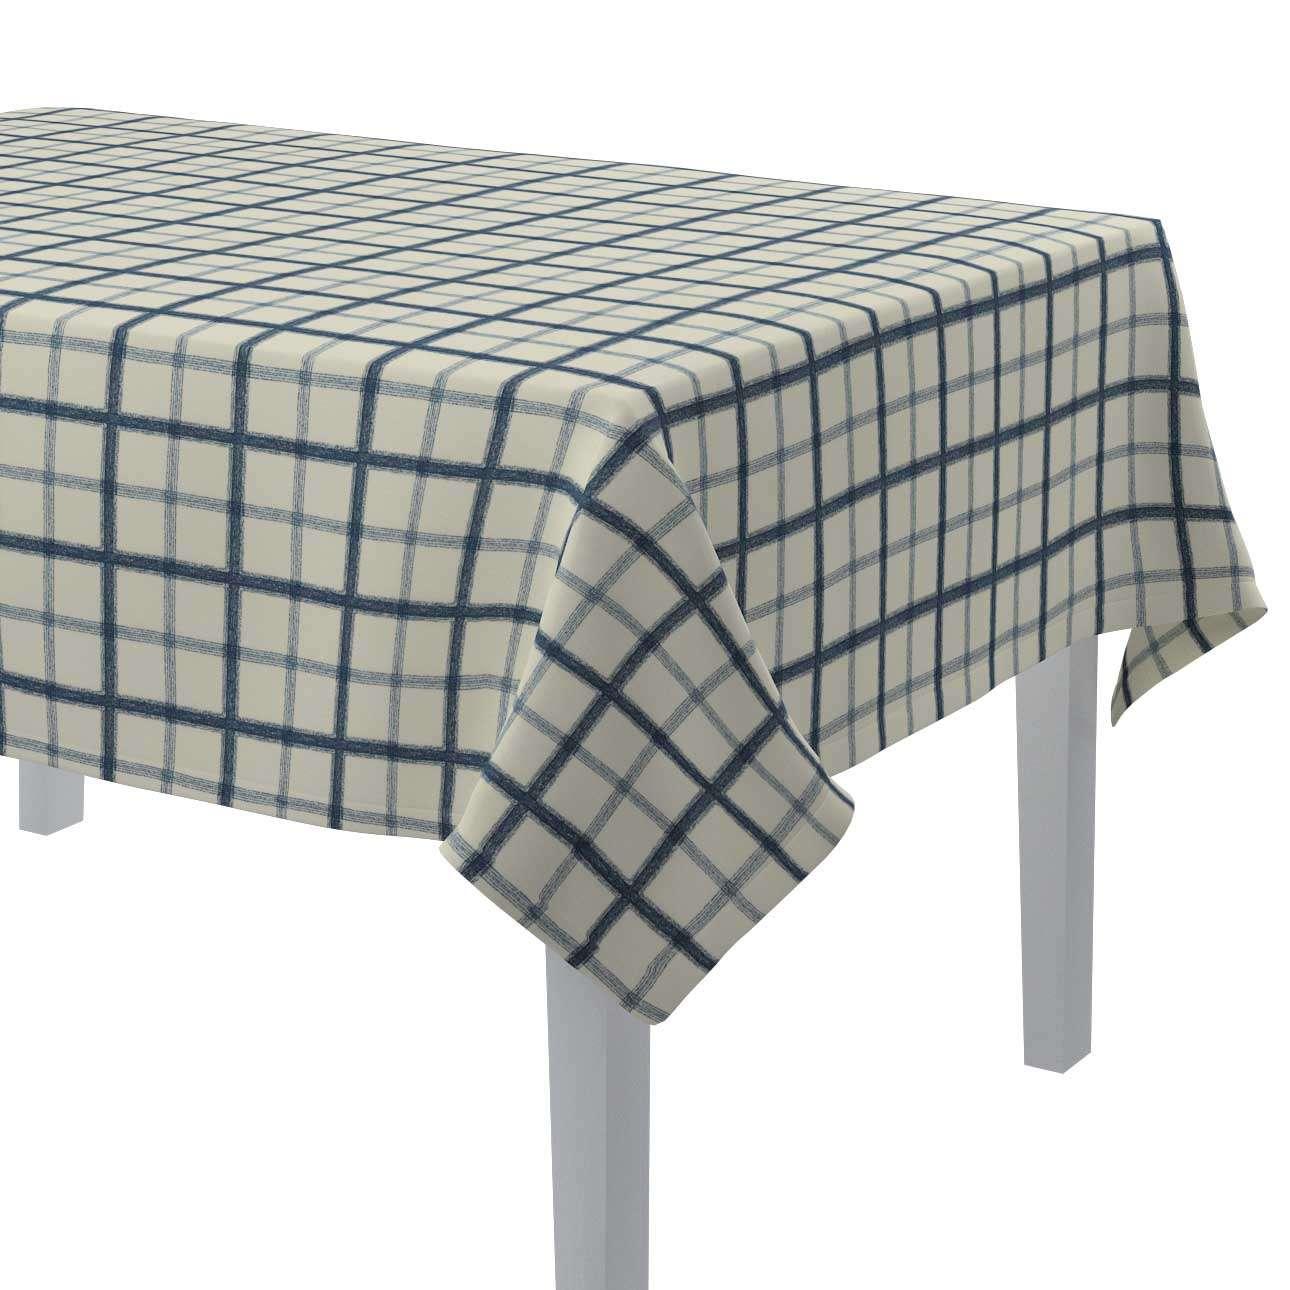 Rektangulär bordsduk  i kollektionen Avinon, Tyg: 131-66